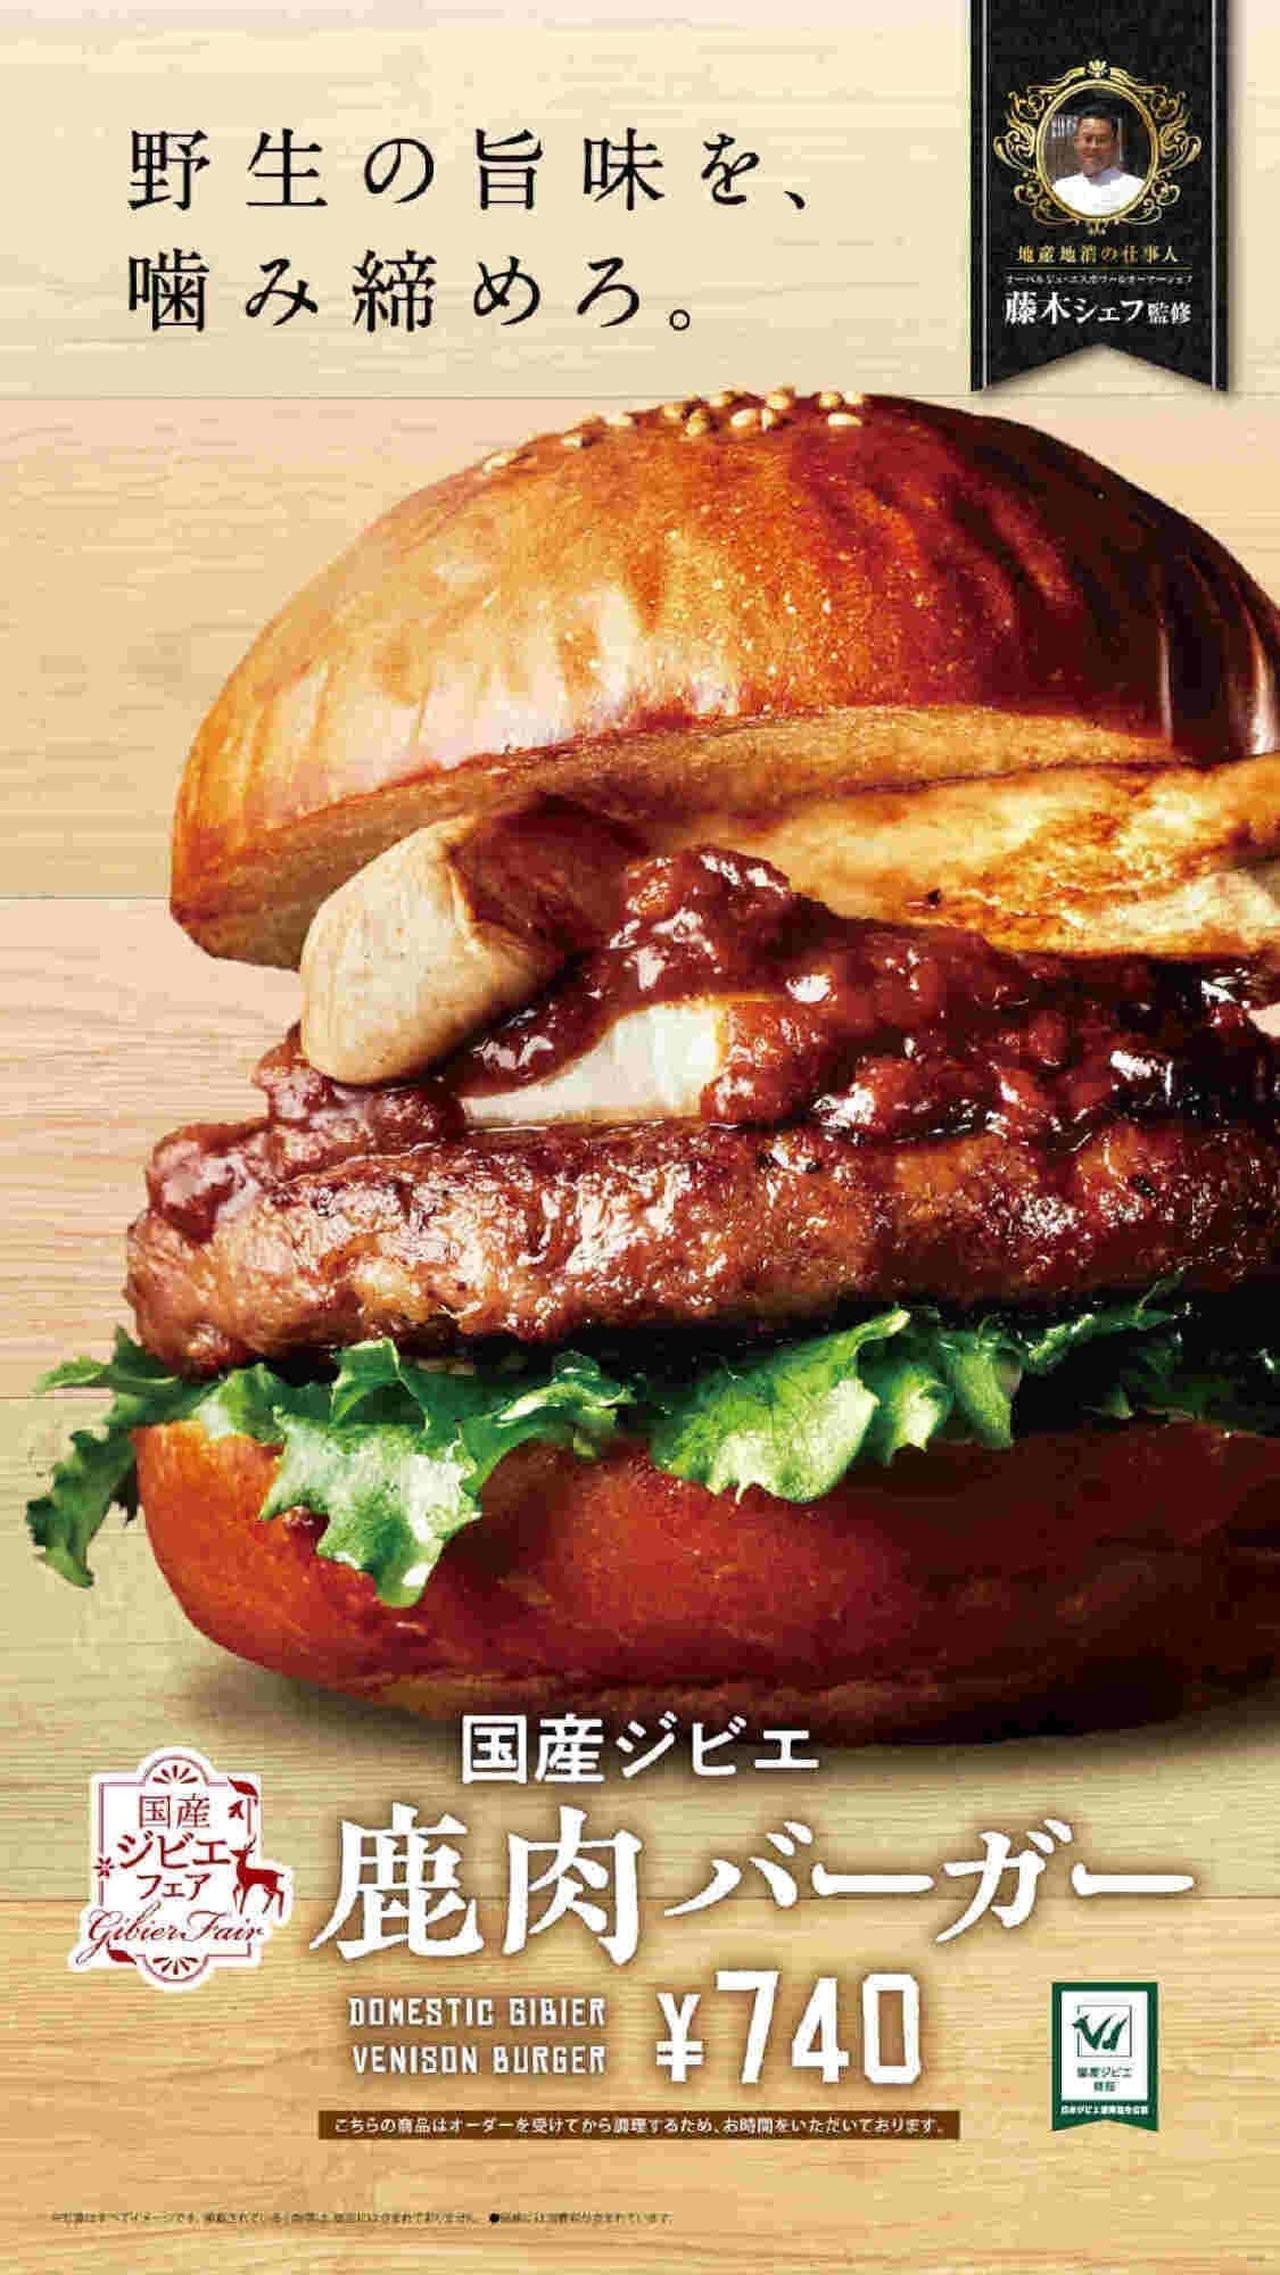 ベッカーズ「国産ジビエ 鹿肉バーガー」